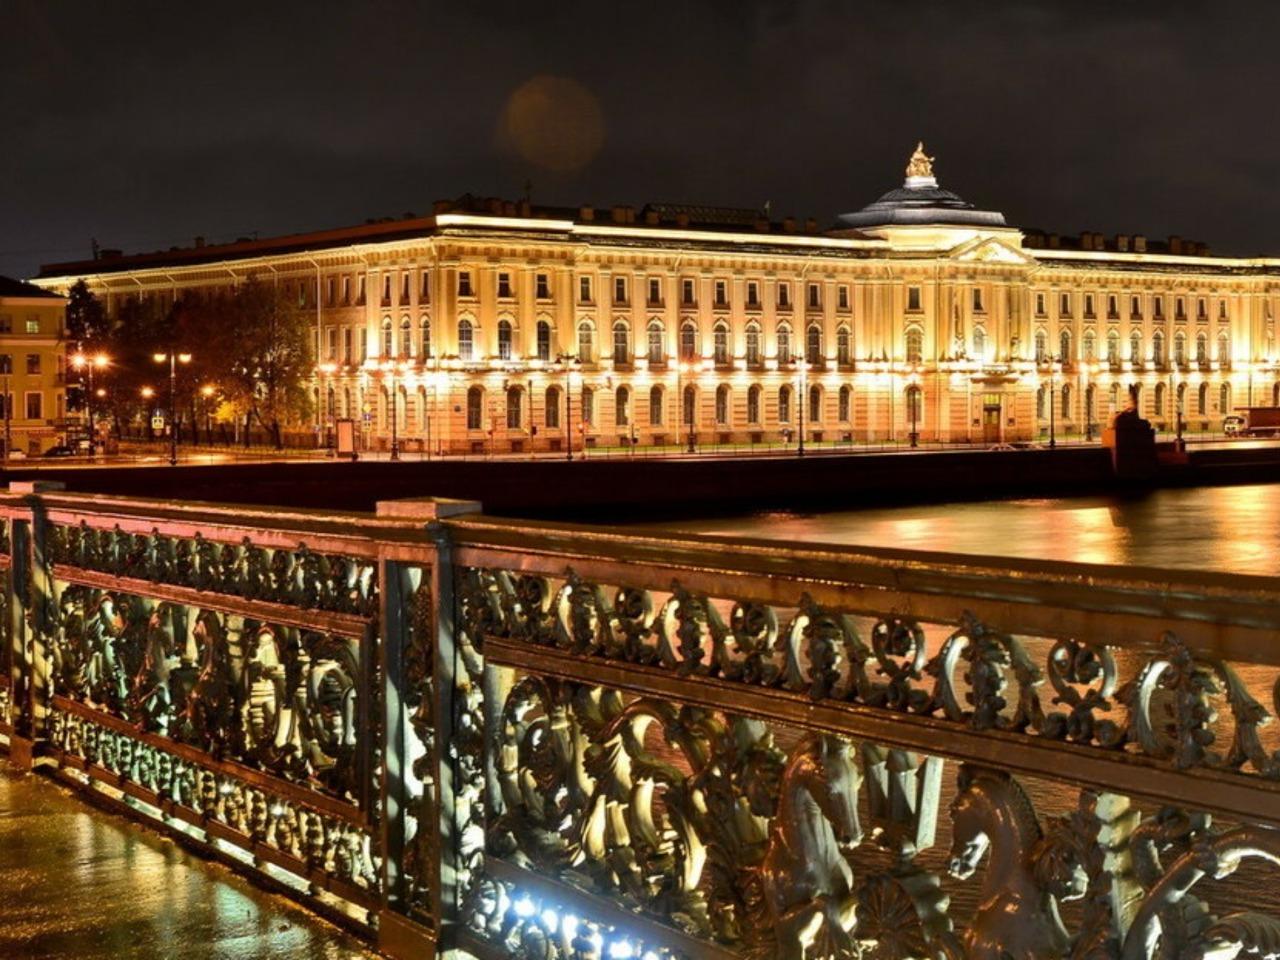 Ночной Санкт-Петербург с теплоходной прогулкой - групповая экскурсия по Санкт-Петербургу от опытного гида